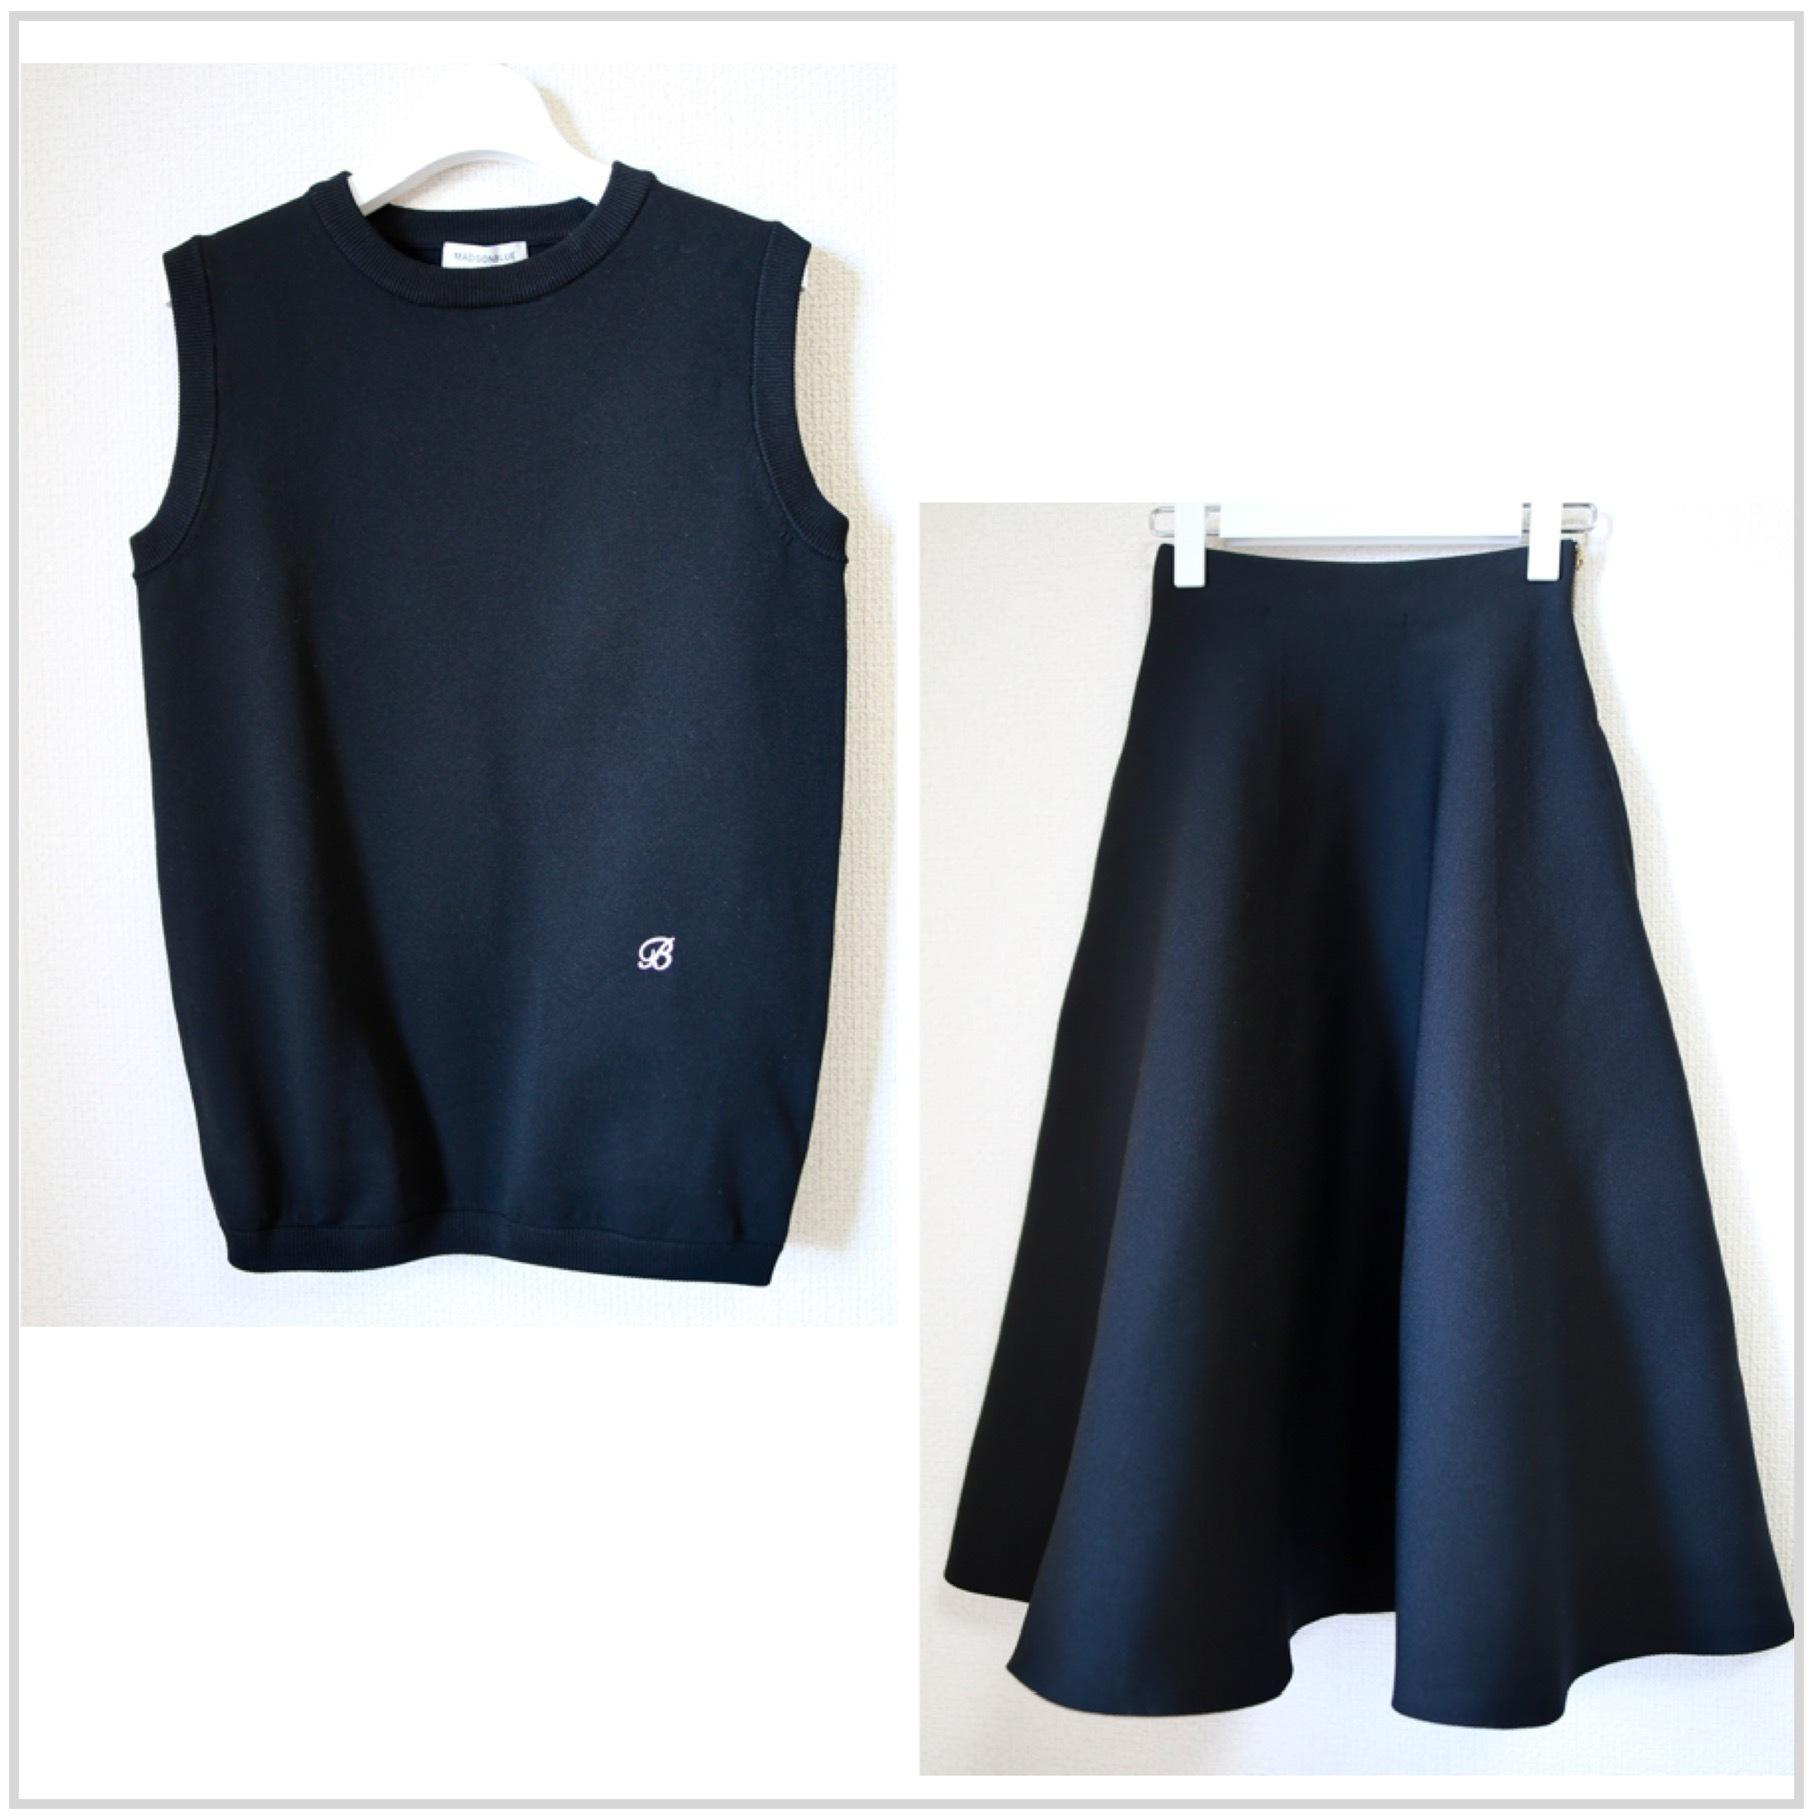 【真夏こそ映える黒コーデ】重たく見えず、シックに決まるアラフォーの黒コーデまとめ|40代ファッション_1_15